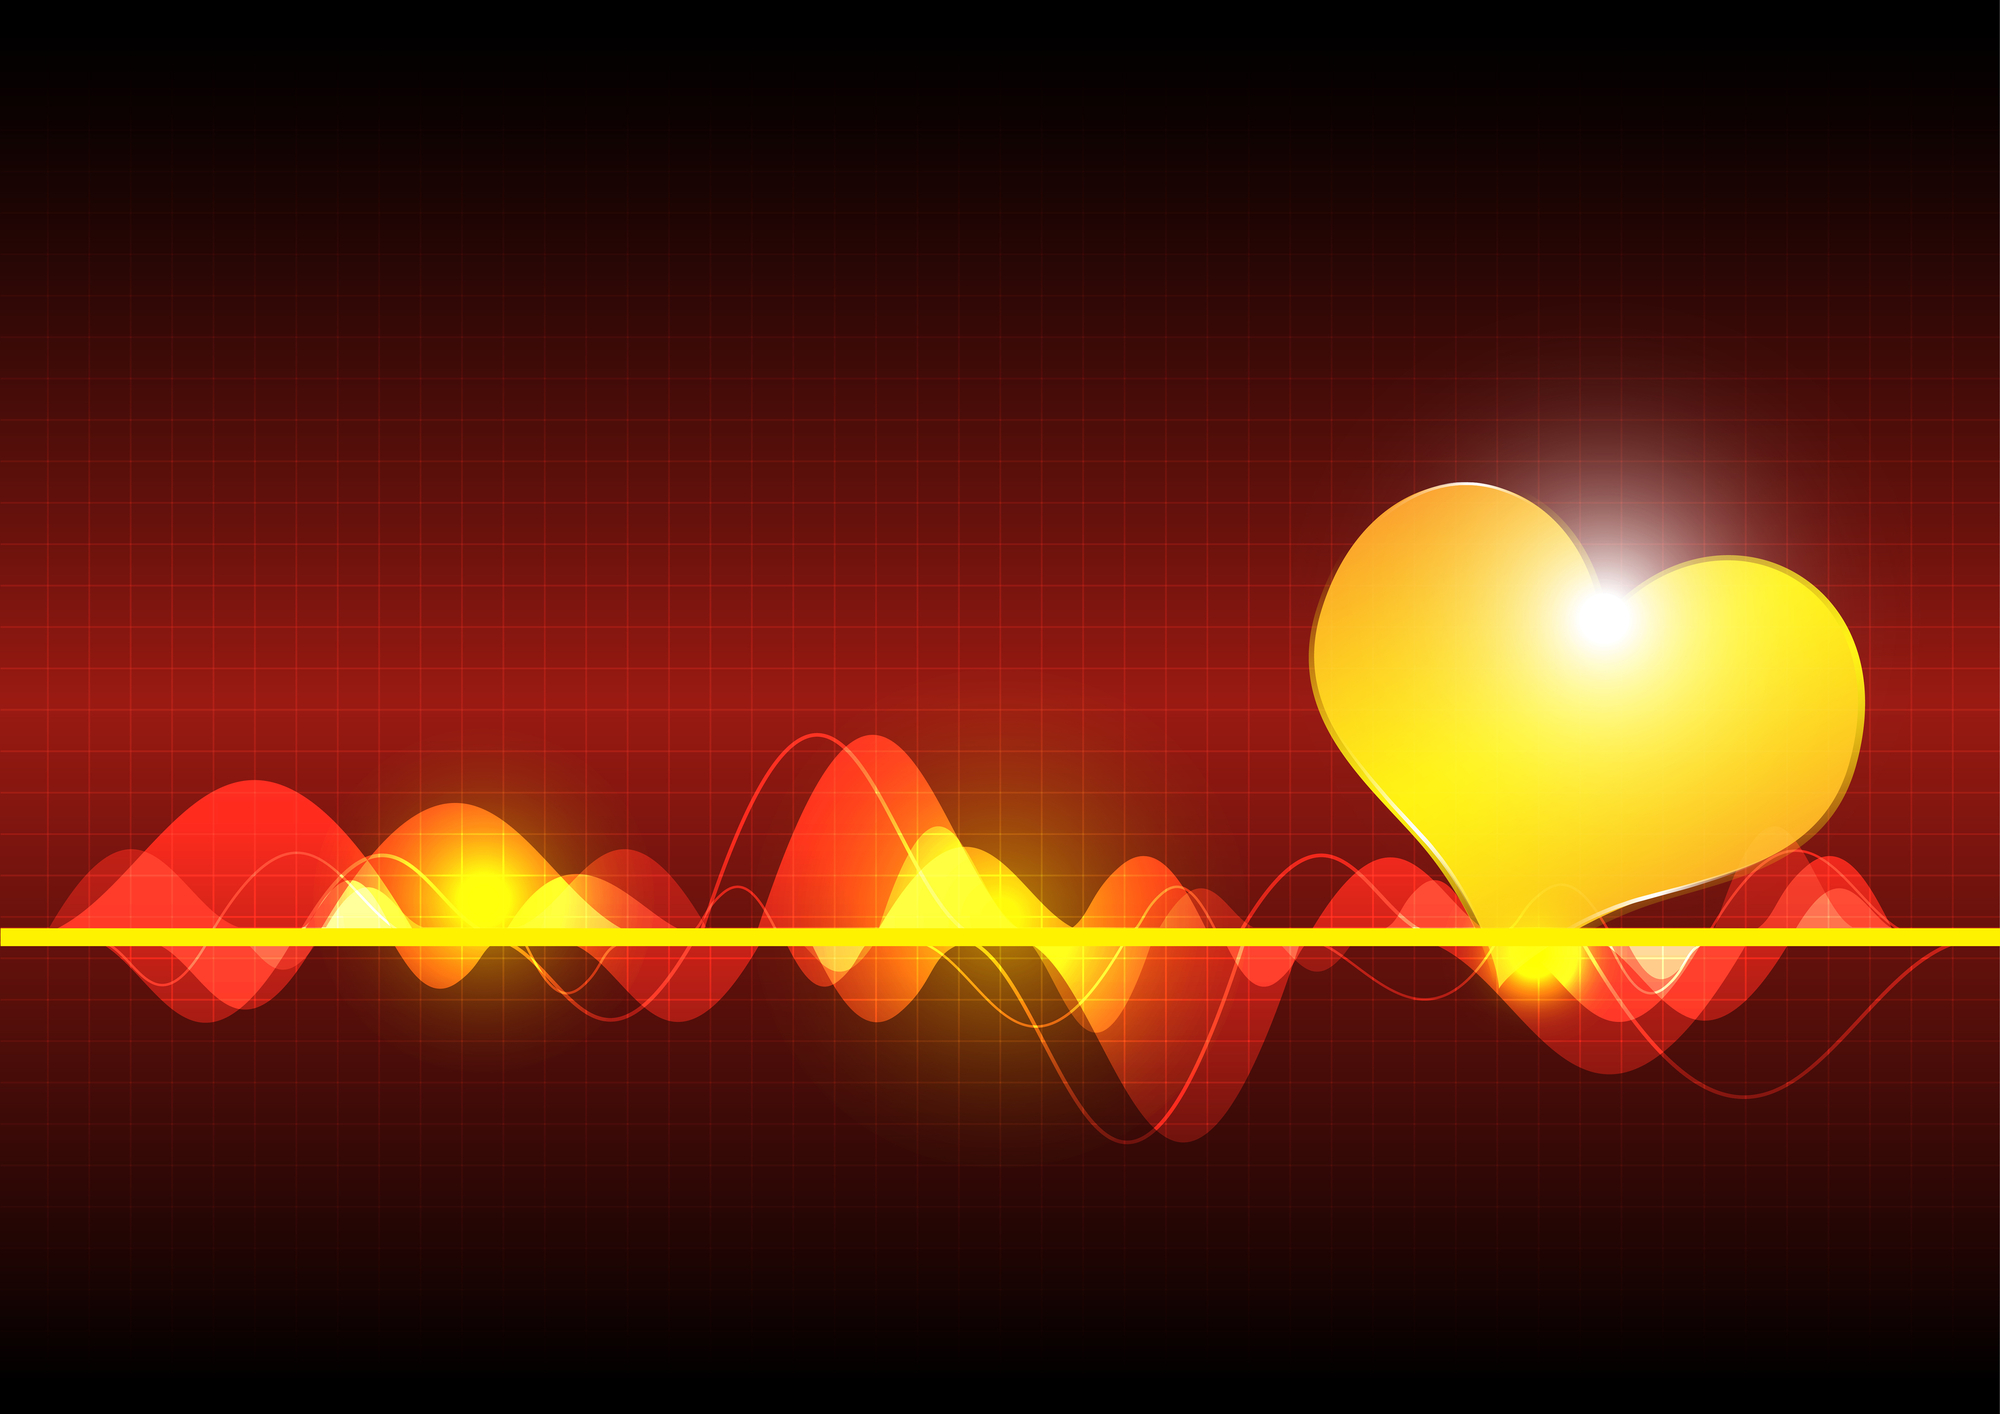 ¿Qué puede hacer la simulación electromagnética por tu salud?